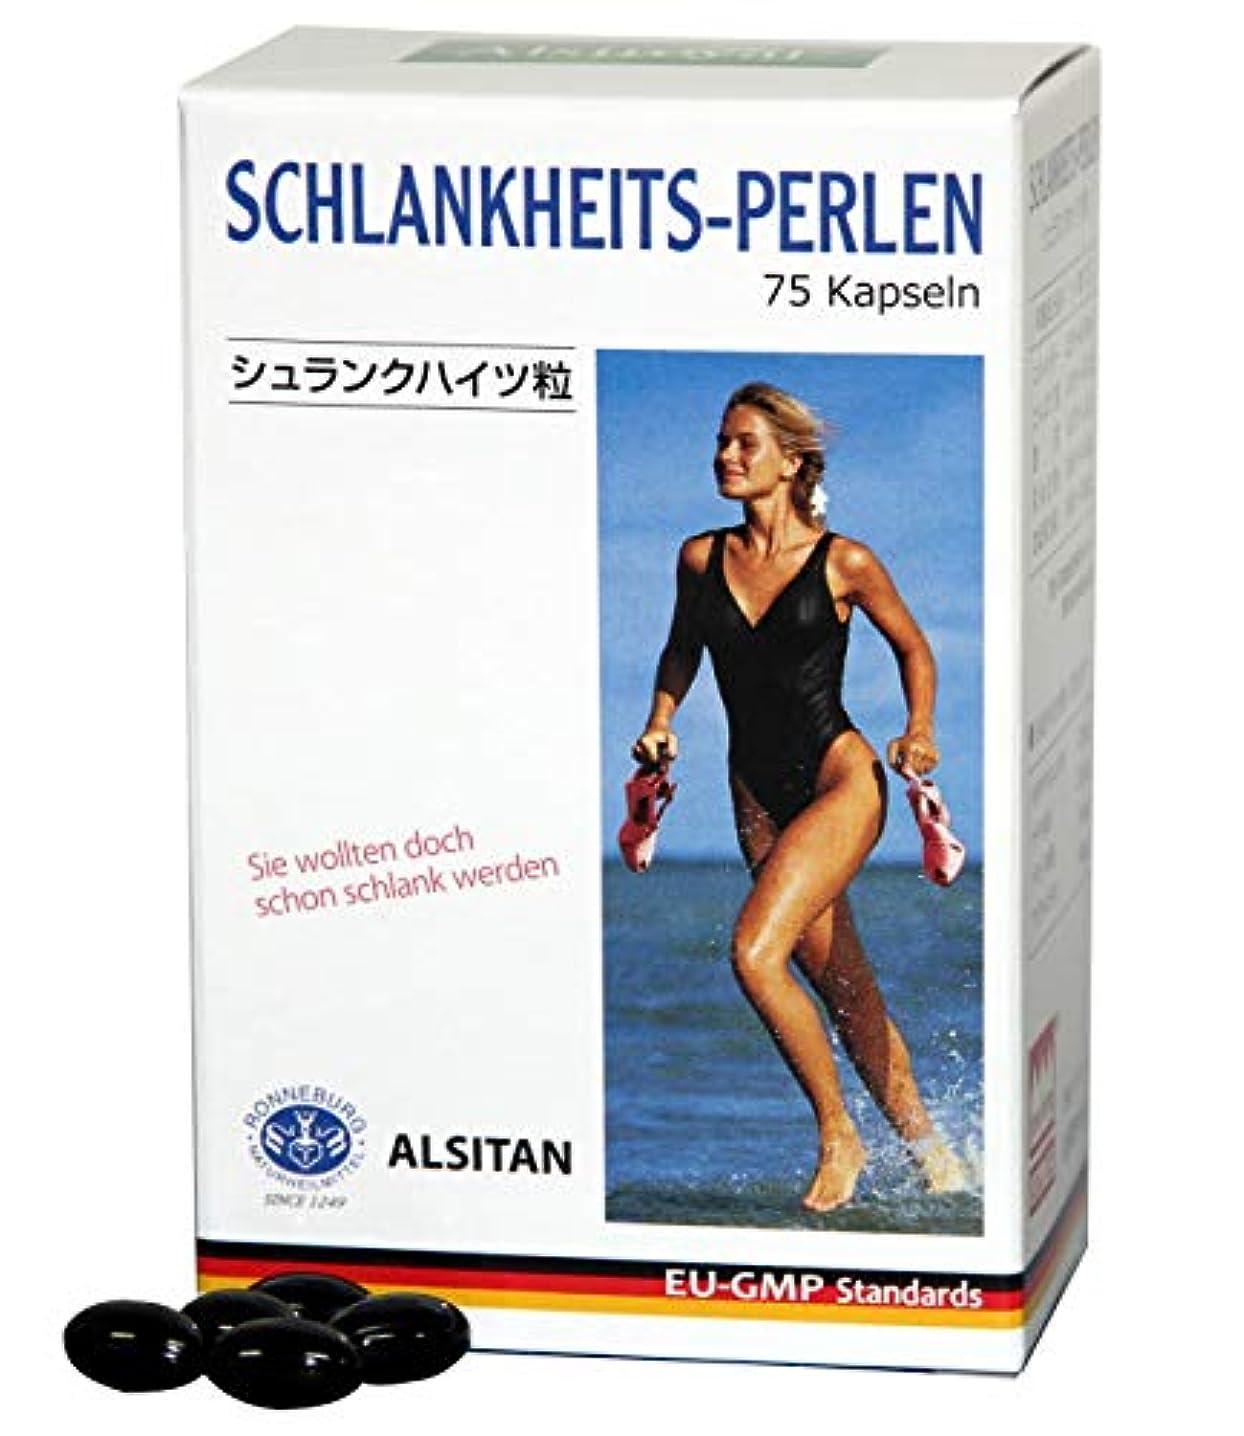 病気だと思うセールスマンオセアニアシュランクハイツ粒 ダイエットサプリメント 2箱セット 150粒 増量新箱